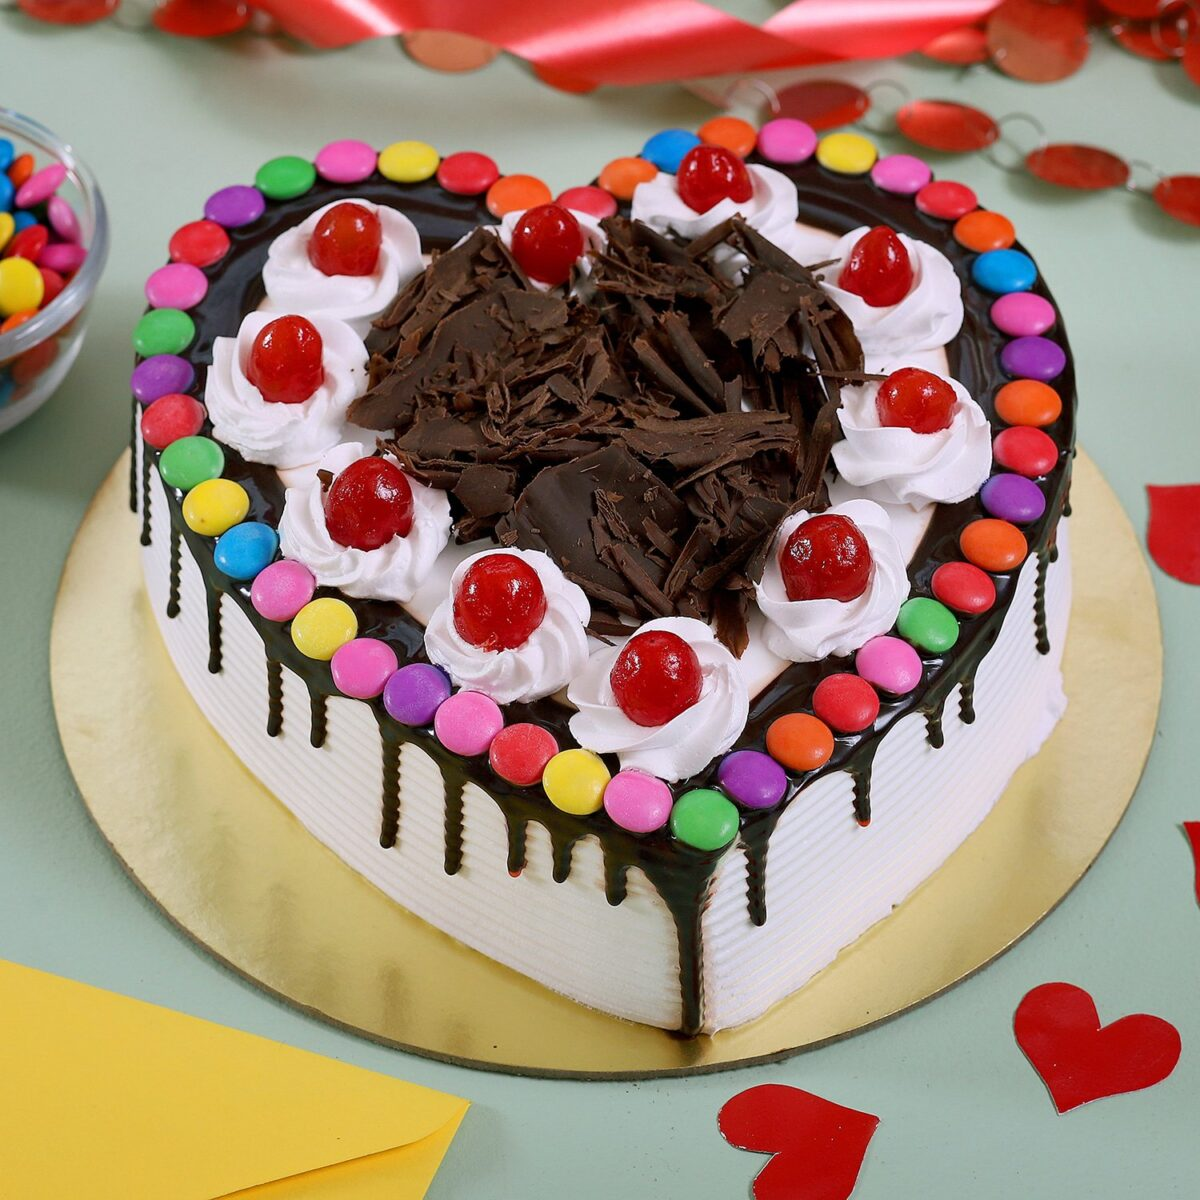 Cake Deliver in Paschim Vihar